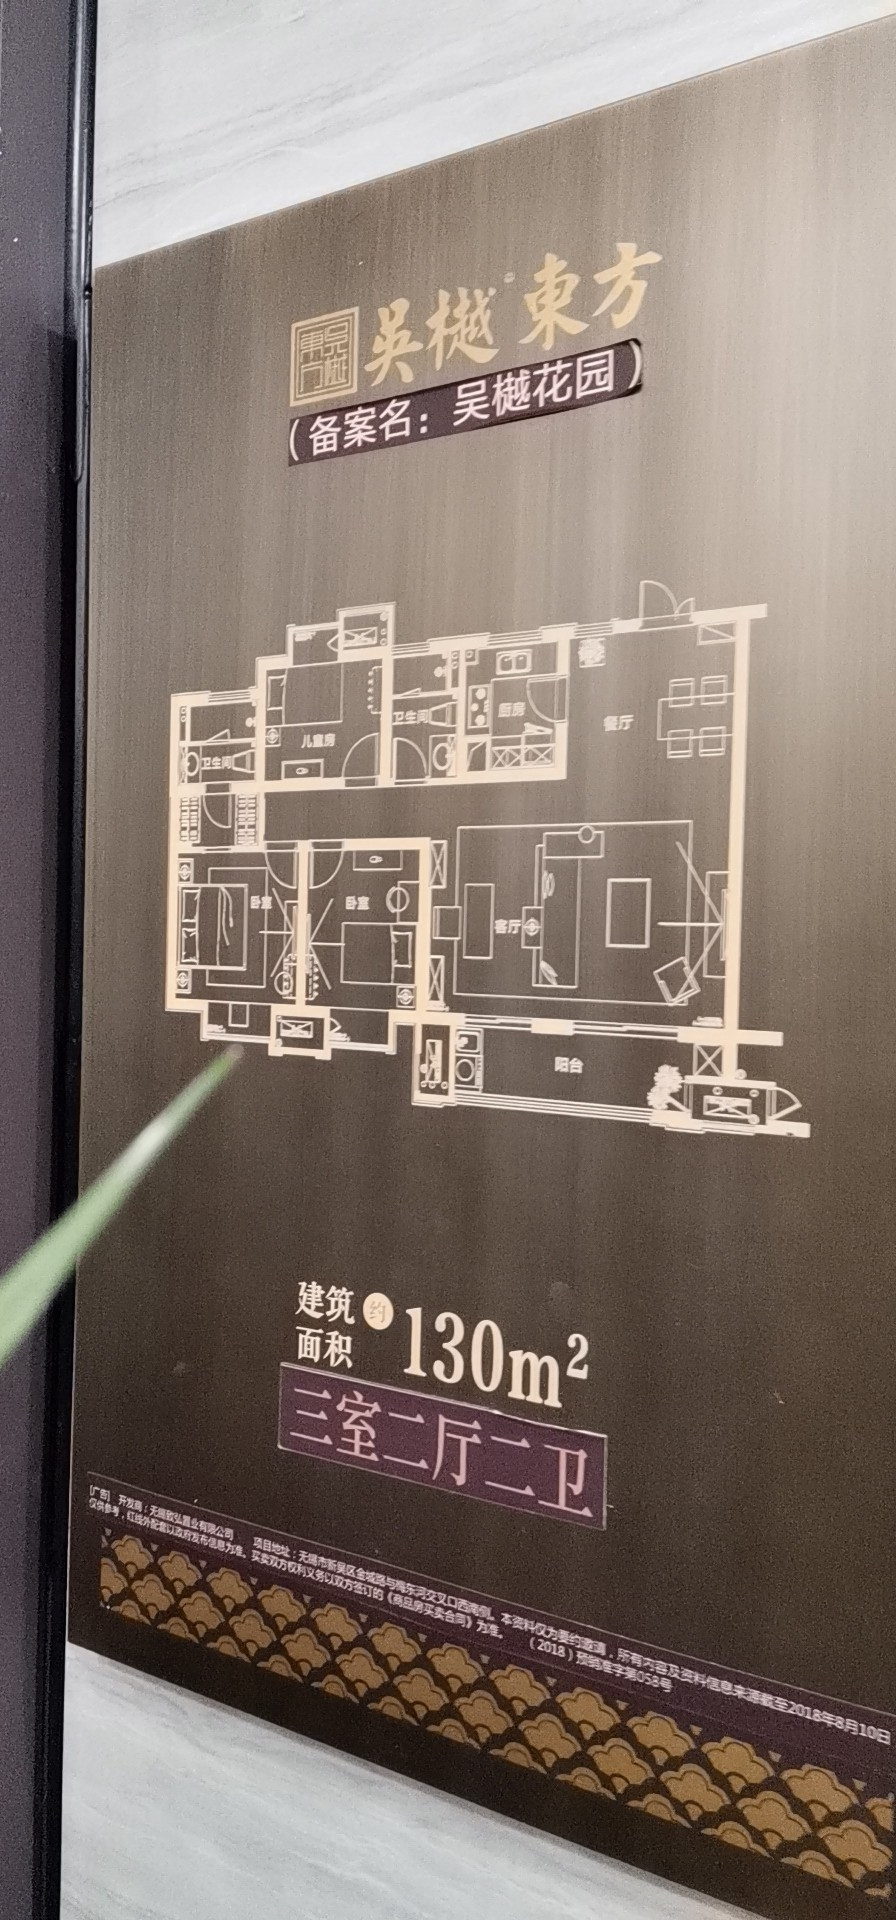 保利吴樾东方视频封面图